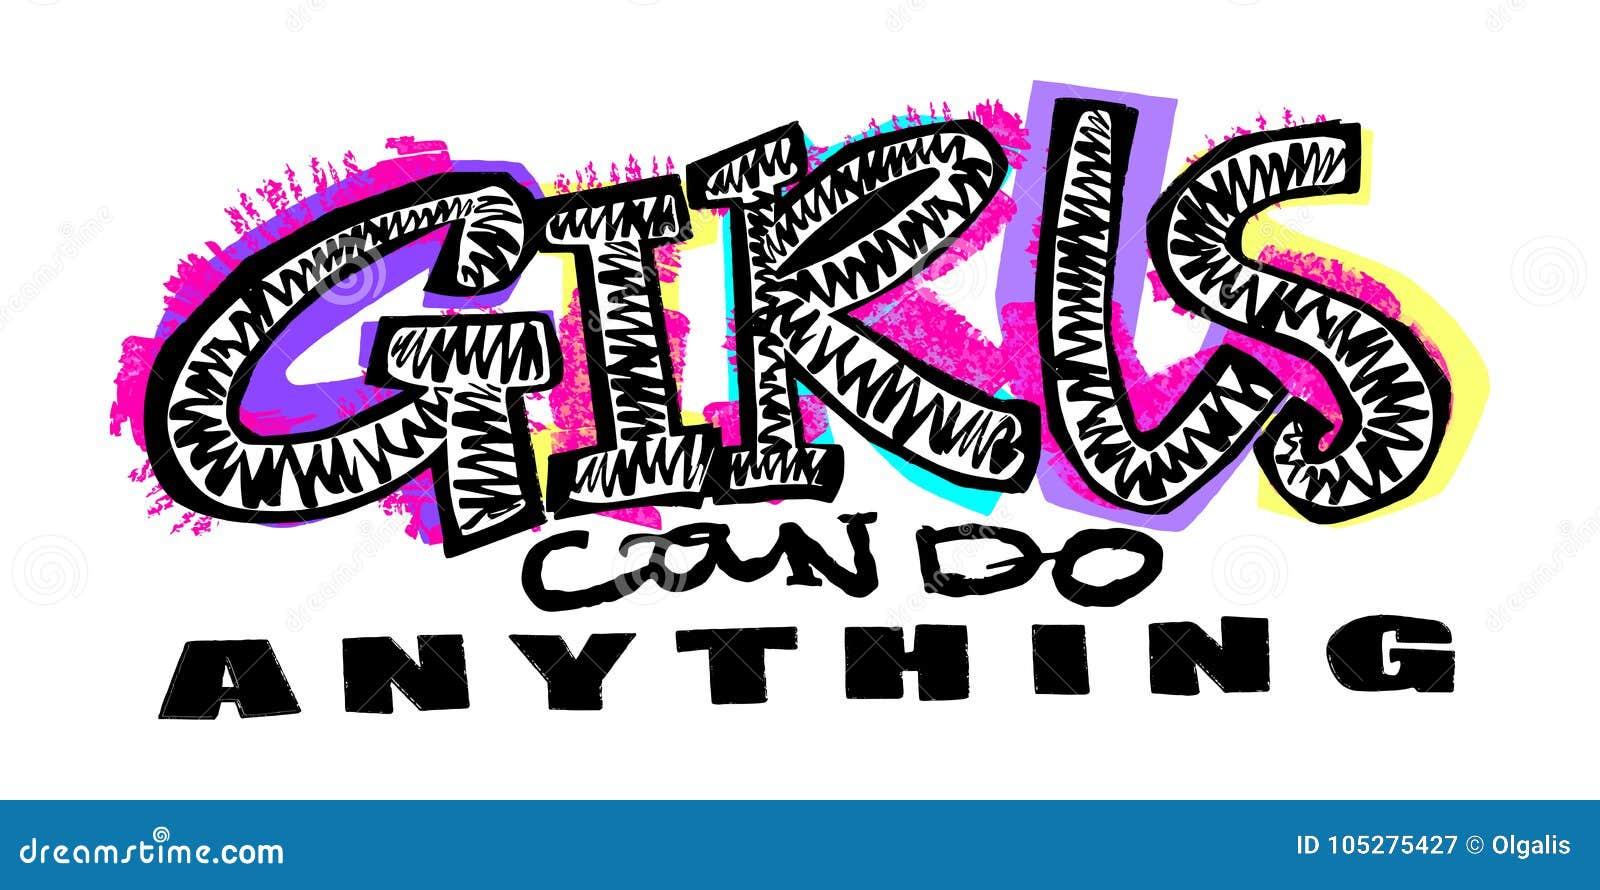 Stampa funky di motivazione delle ragazze della maglietta dei pantaloni a vita bassa nei graffiti urbani